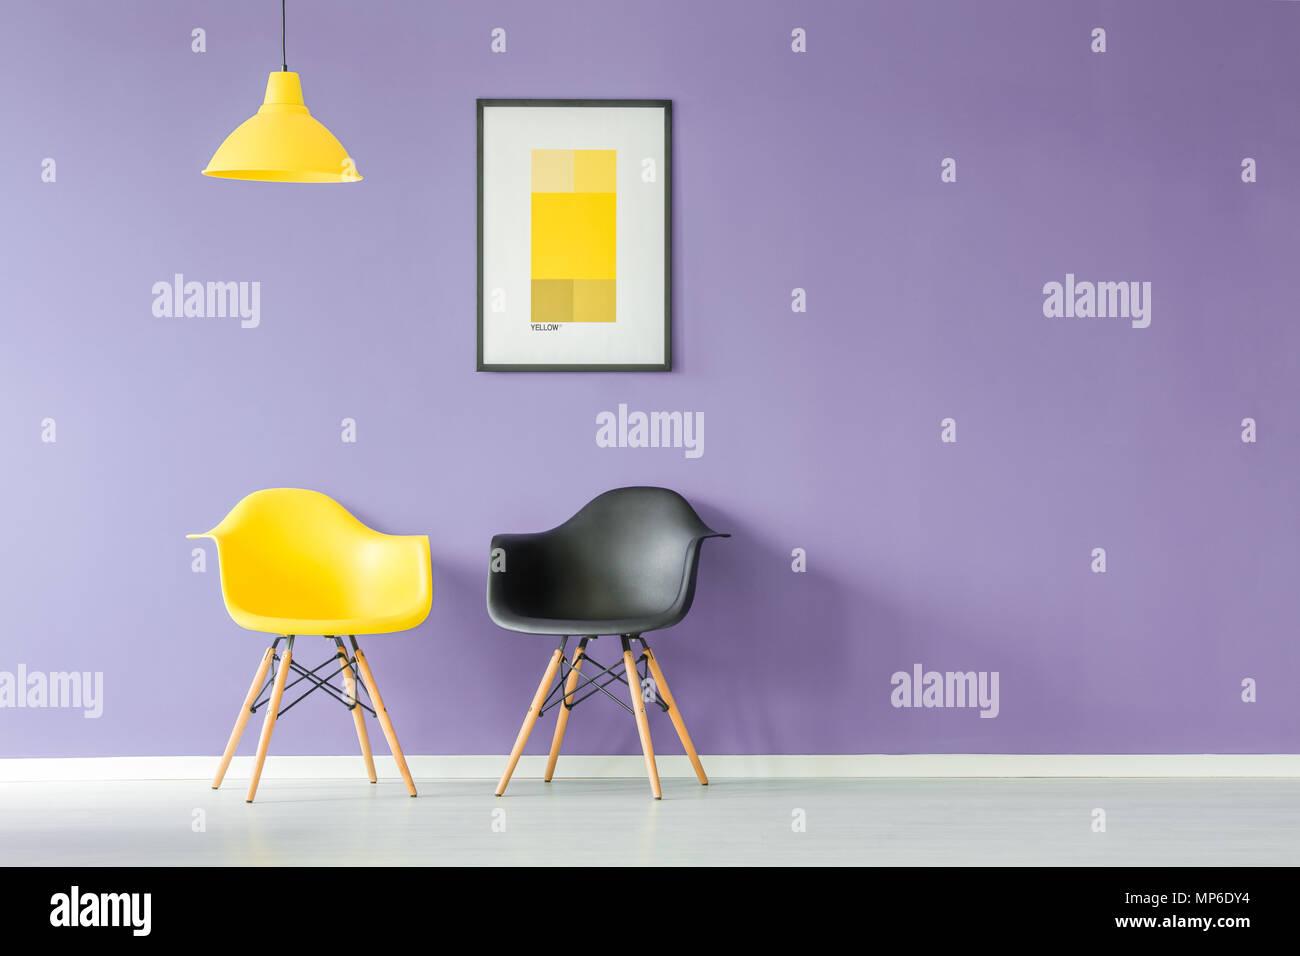 Vorderansicht der kontrastierenden Farbe, gelb und schwarz Stühle und eine gelbe Lampe gegen lila Hintergrund Wand mit einem Plakat in einem minimalen Wohnzimmer inter Stockbild